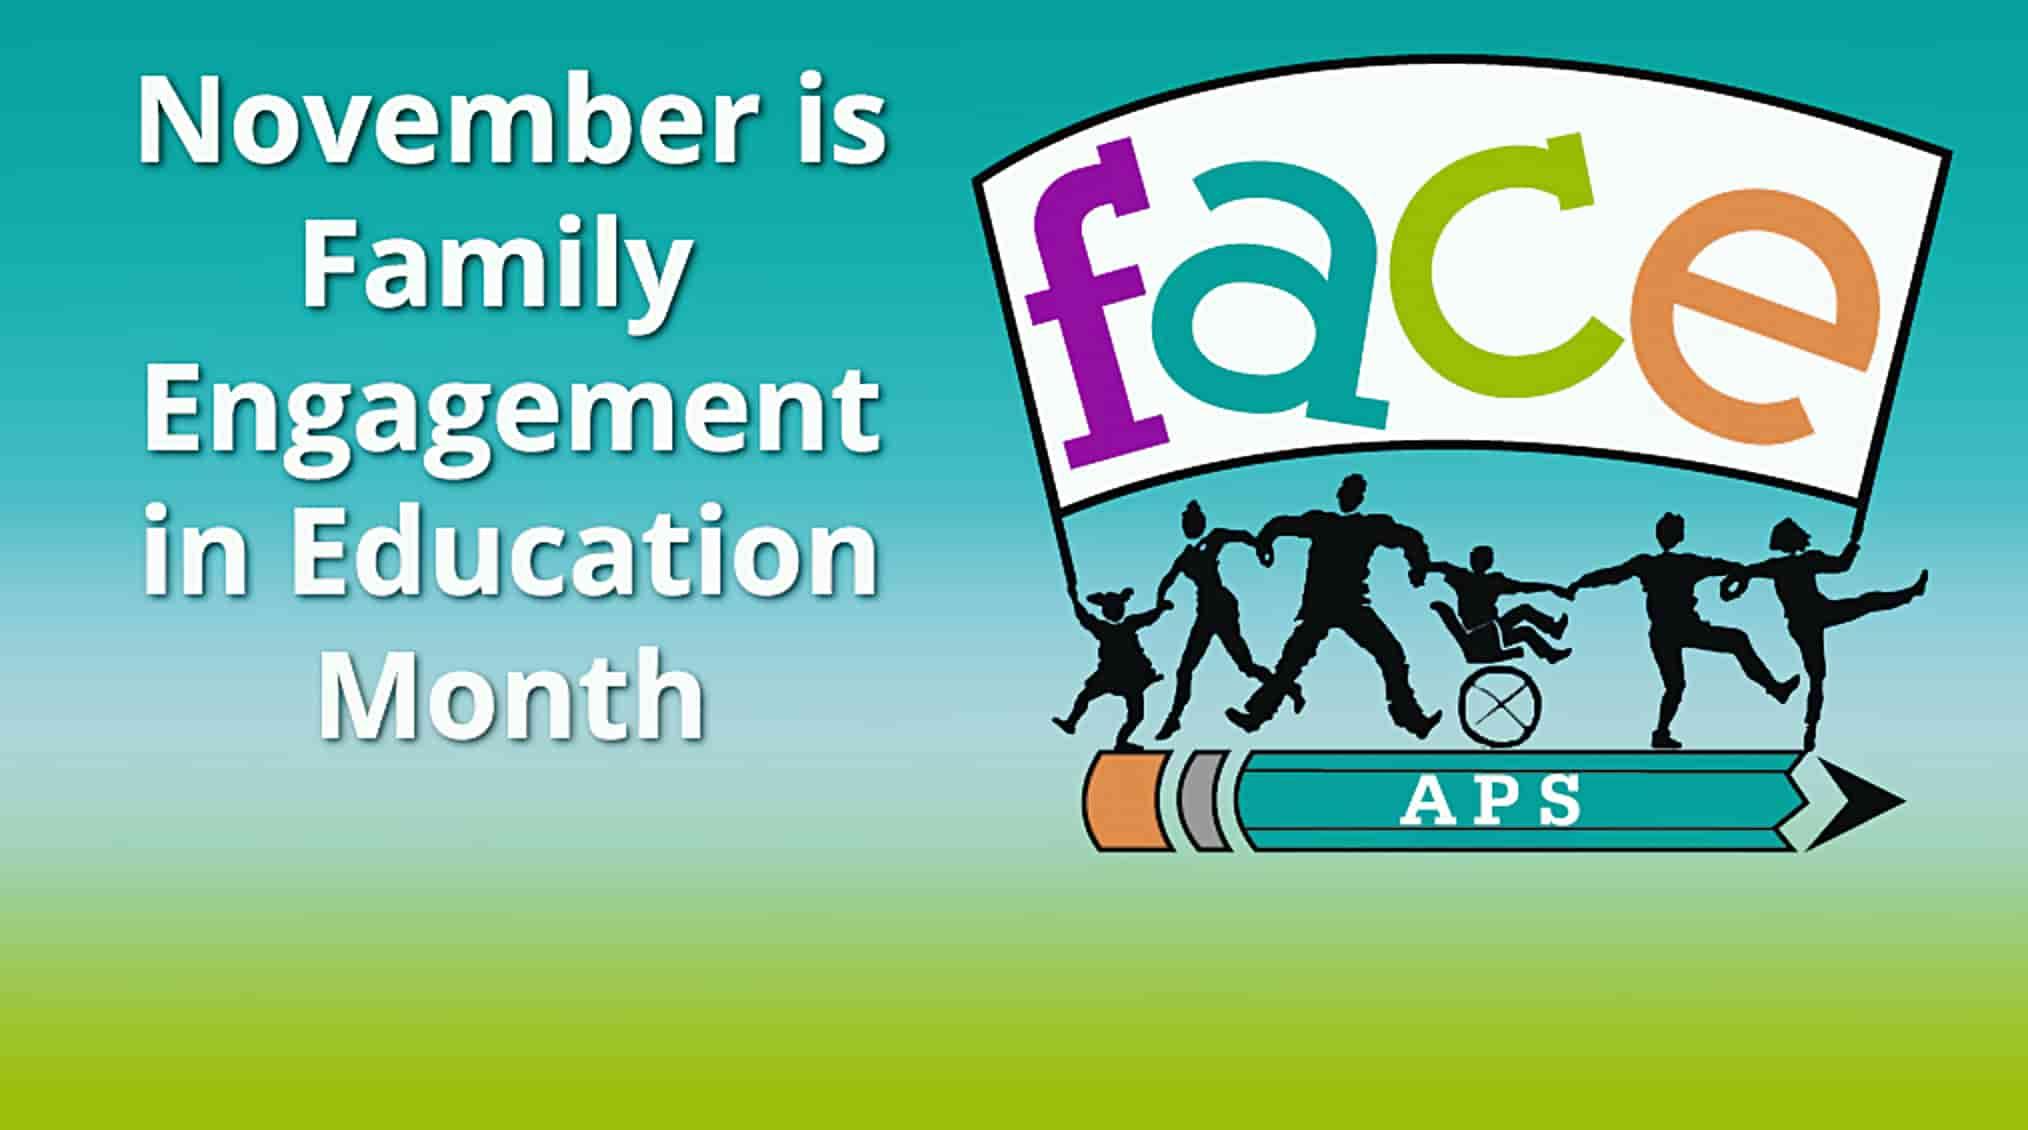 XNUMX月は教育月間の家族の関与です